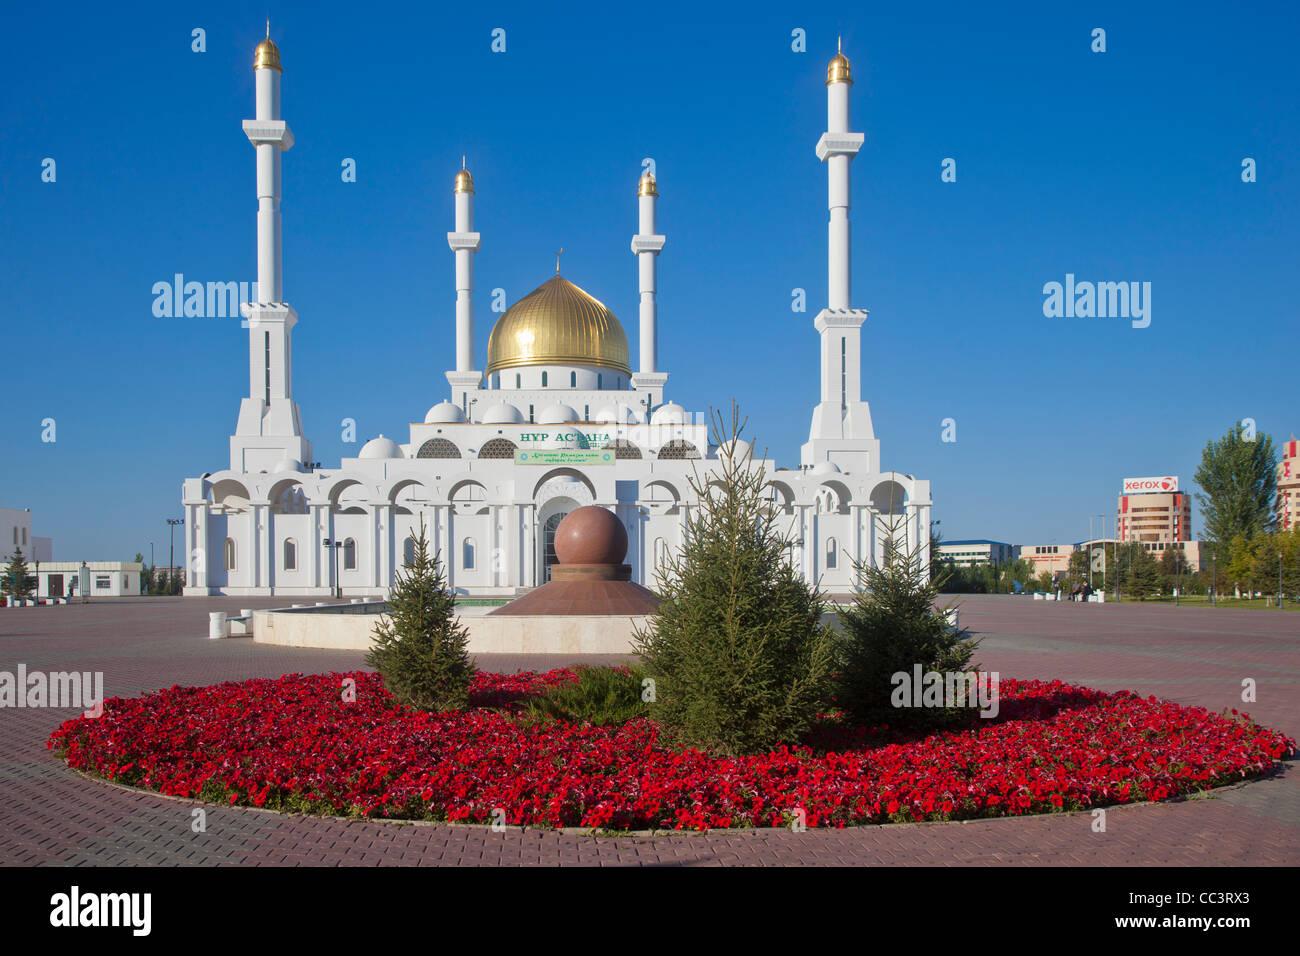 Kazakhstan, Astana, Nur Astana Mosque - Stock Image